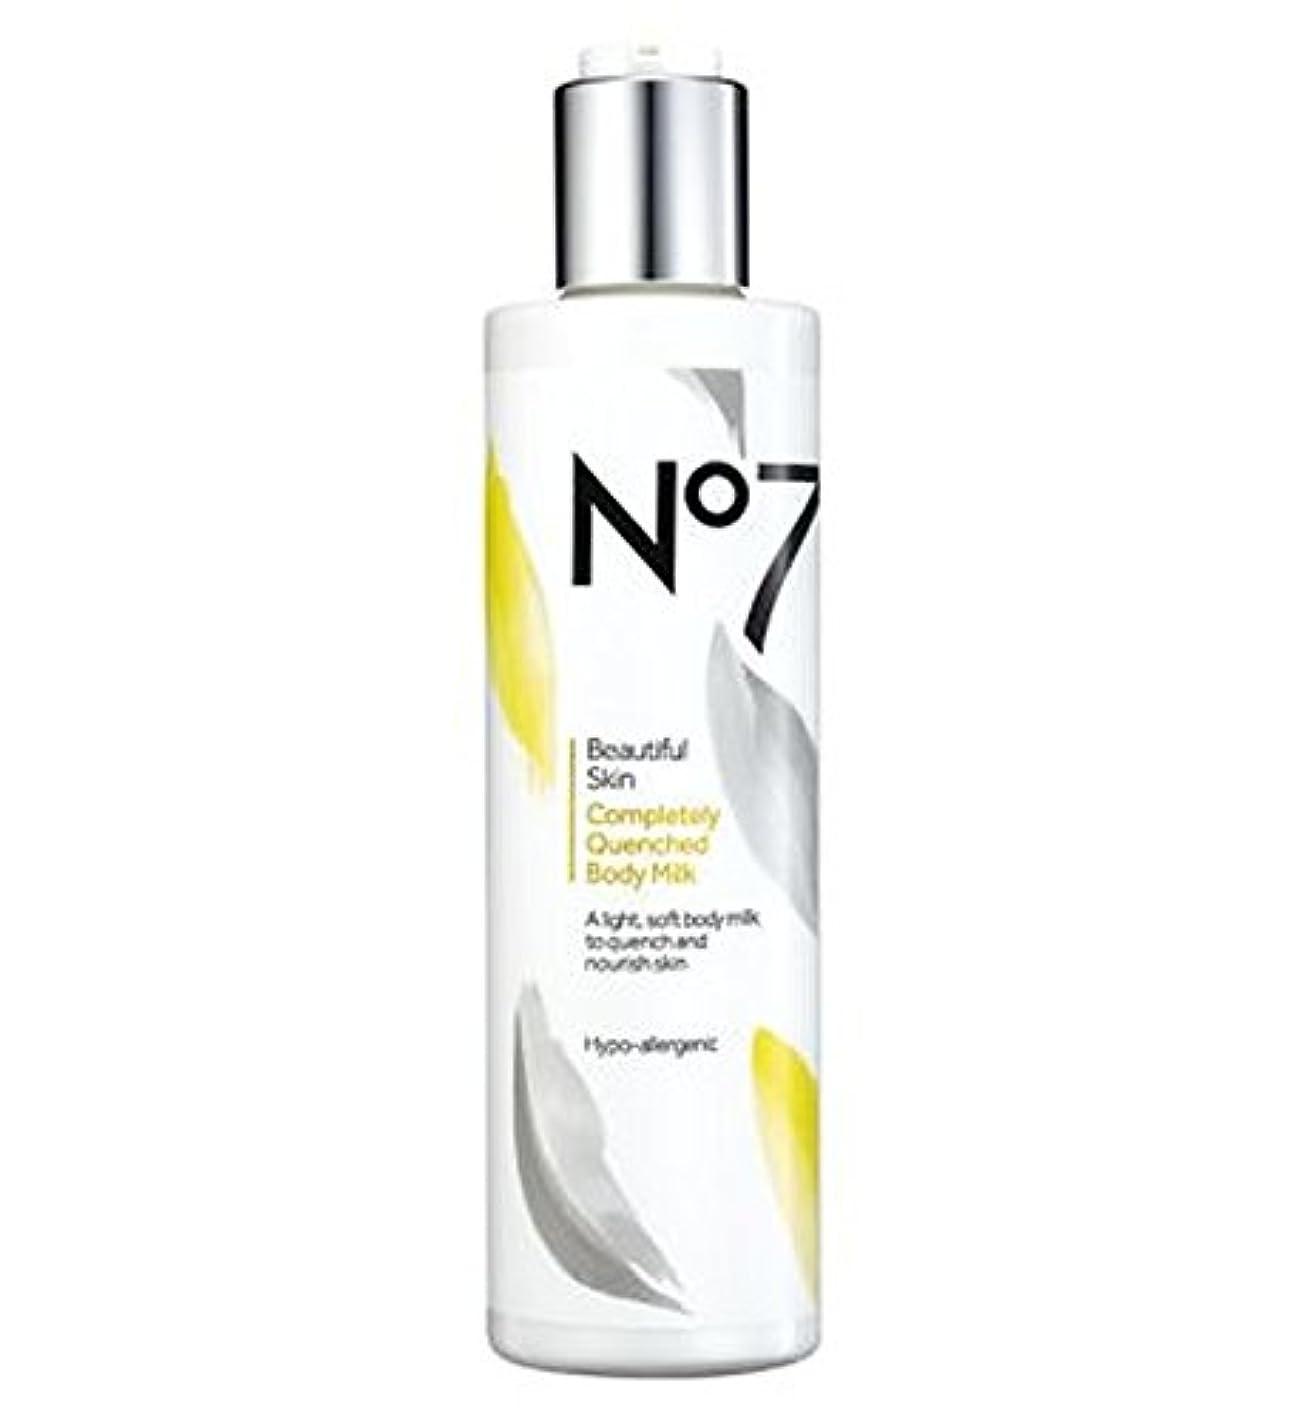 アラブ速度薬理学No7 Beautiful Skin Completely Quenched Body Milk - No7美しい肌完全に急冷ボディミルク (No7) [並行輸入品]